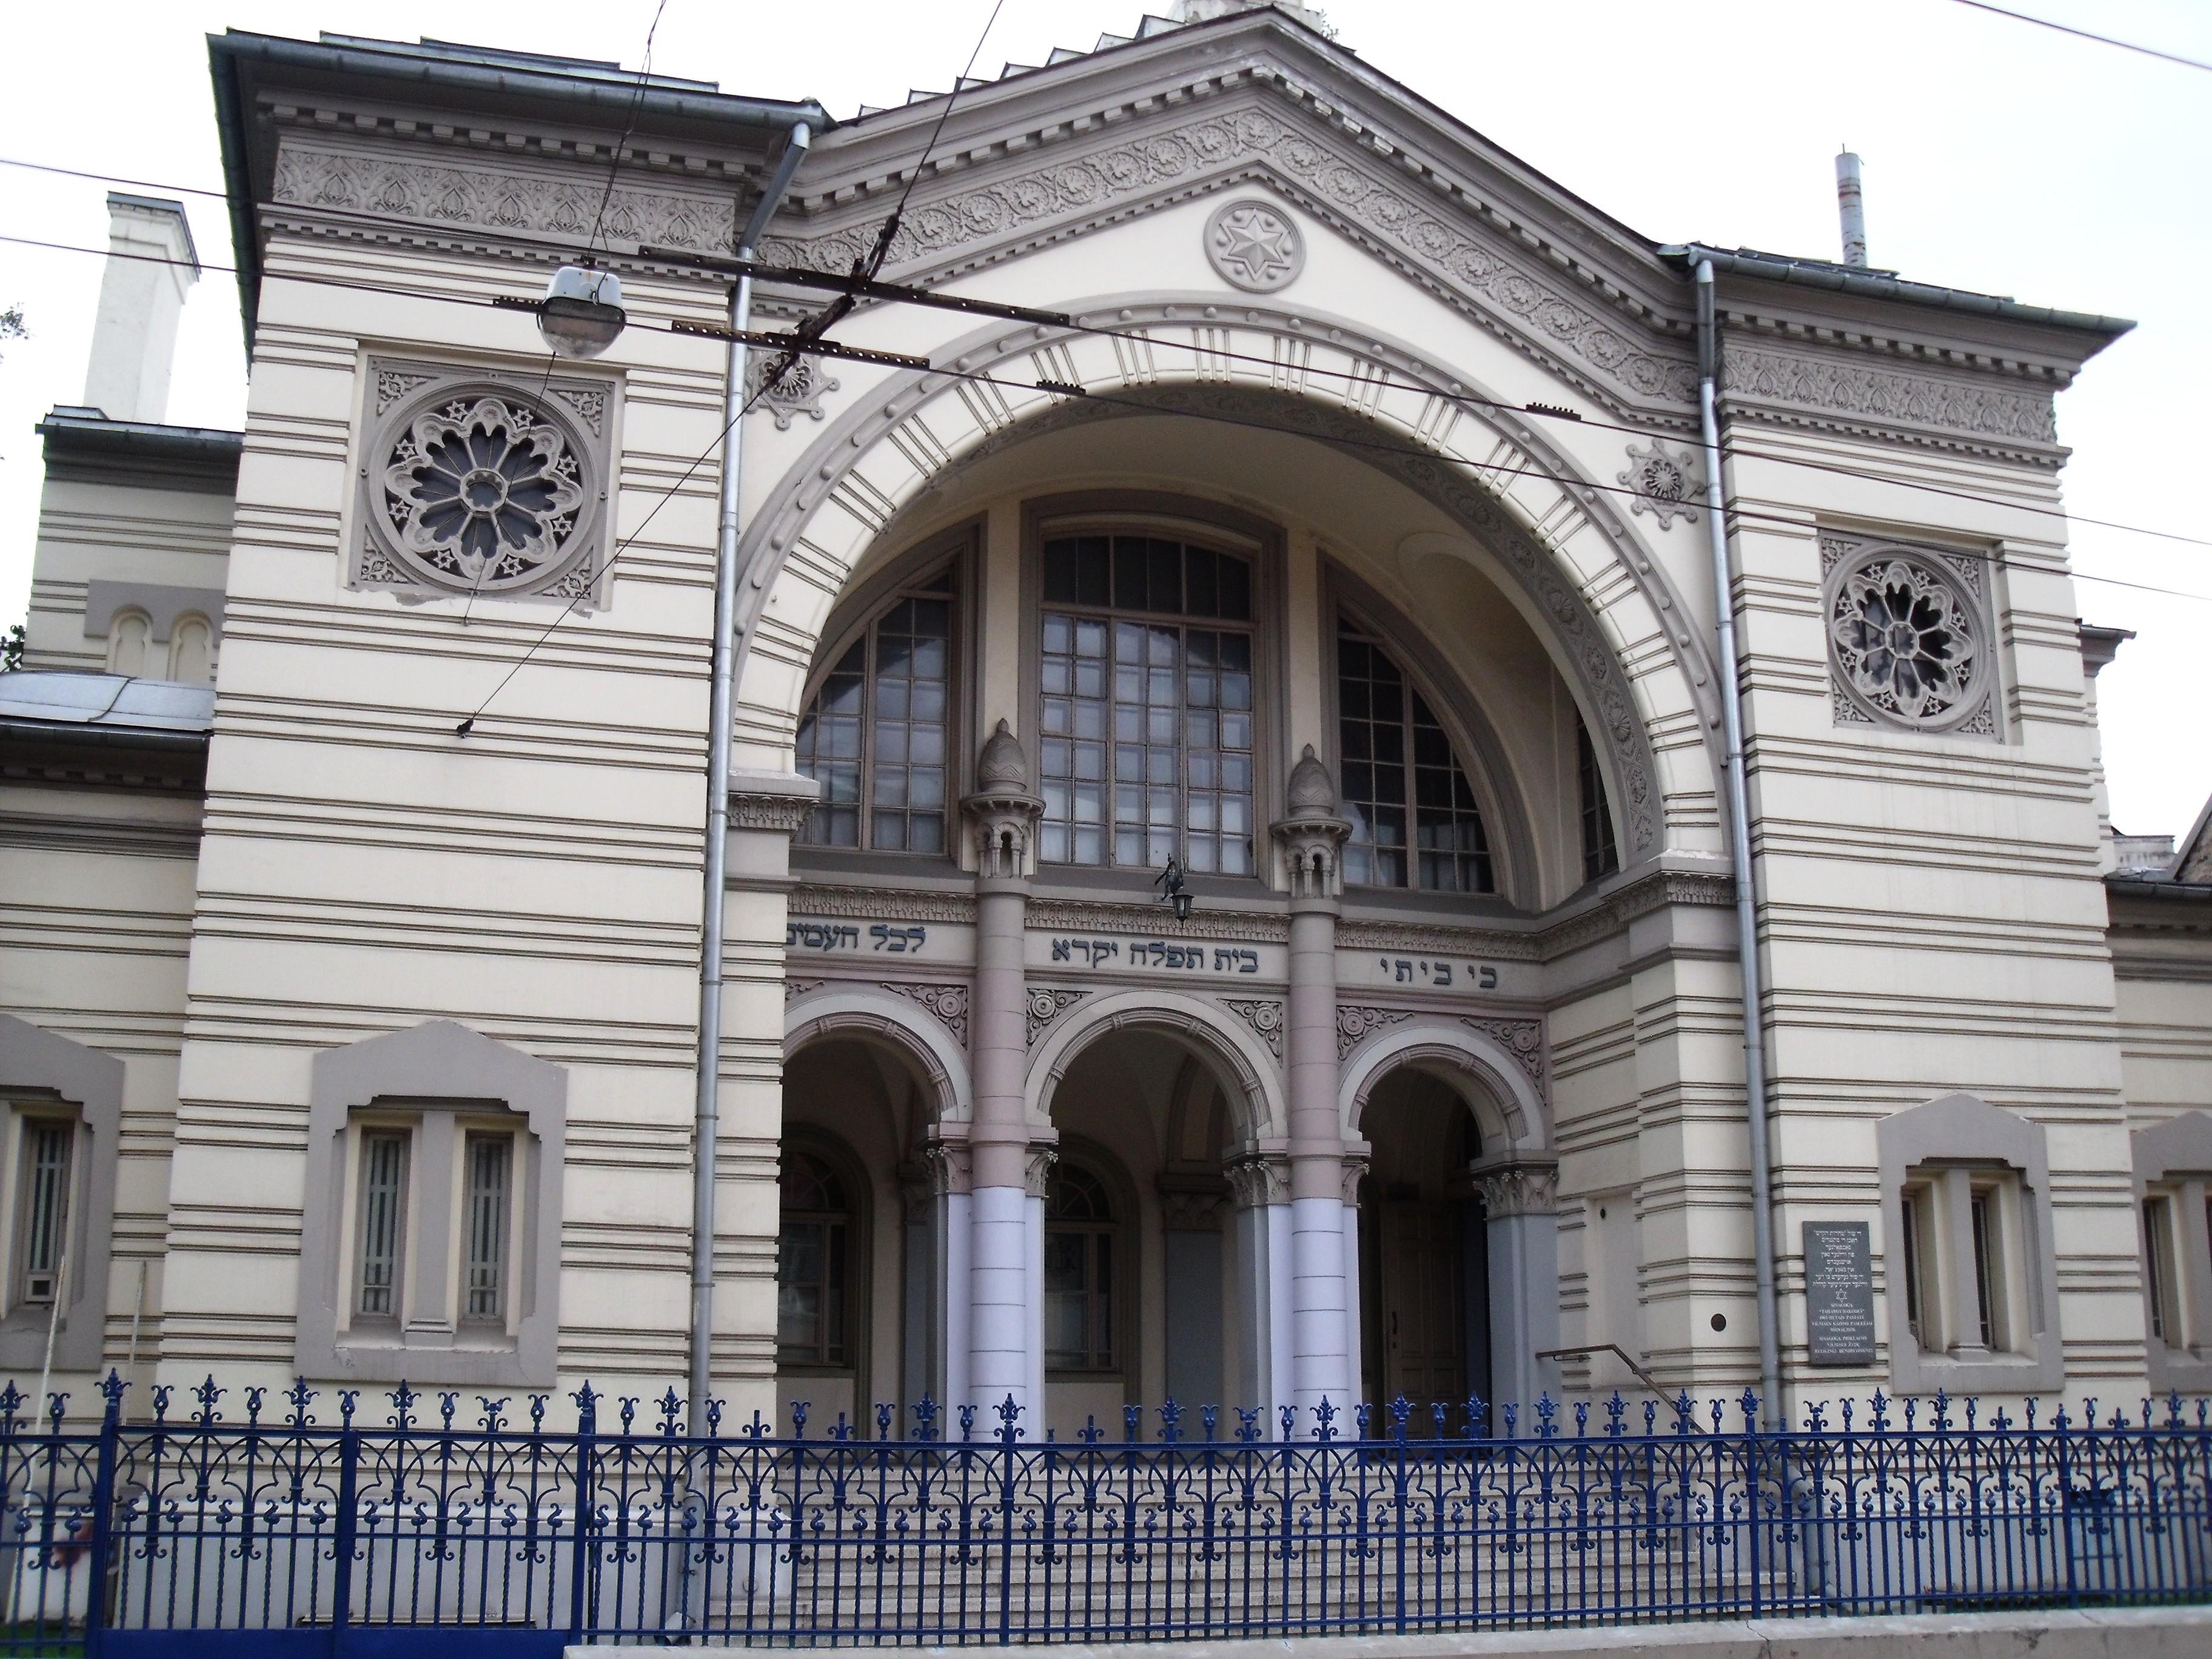 ビリニュスにあるリトアニアの最大のシナゴーグ。WW2の前に、ヴィリニュスは「北のJERUSALEM」というニックネームをもらったものでした。